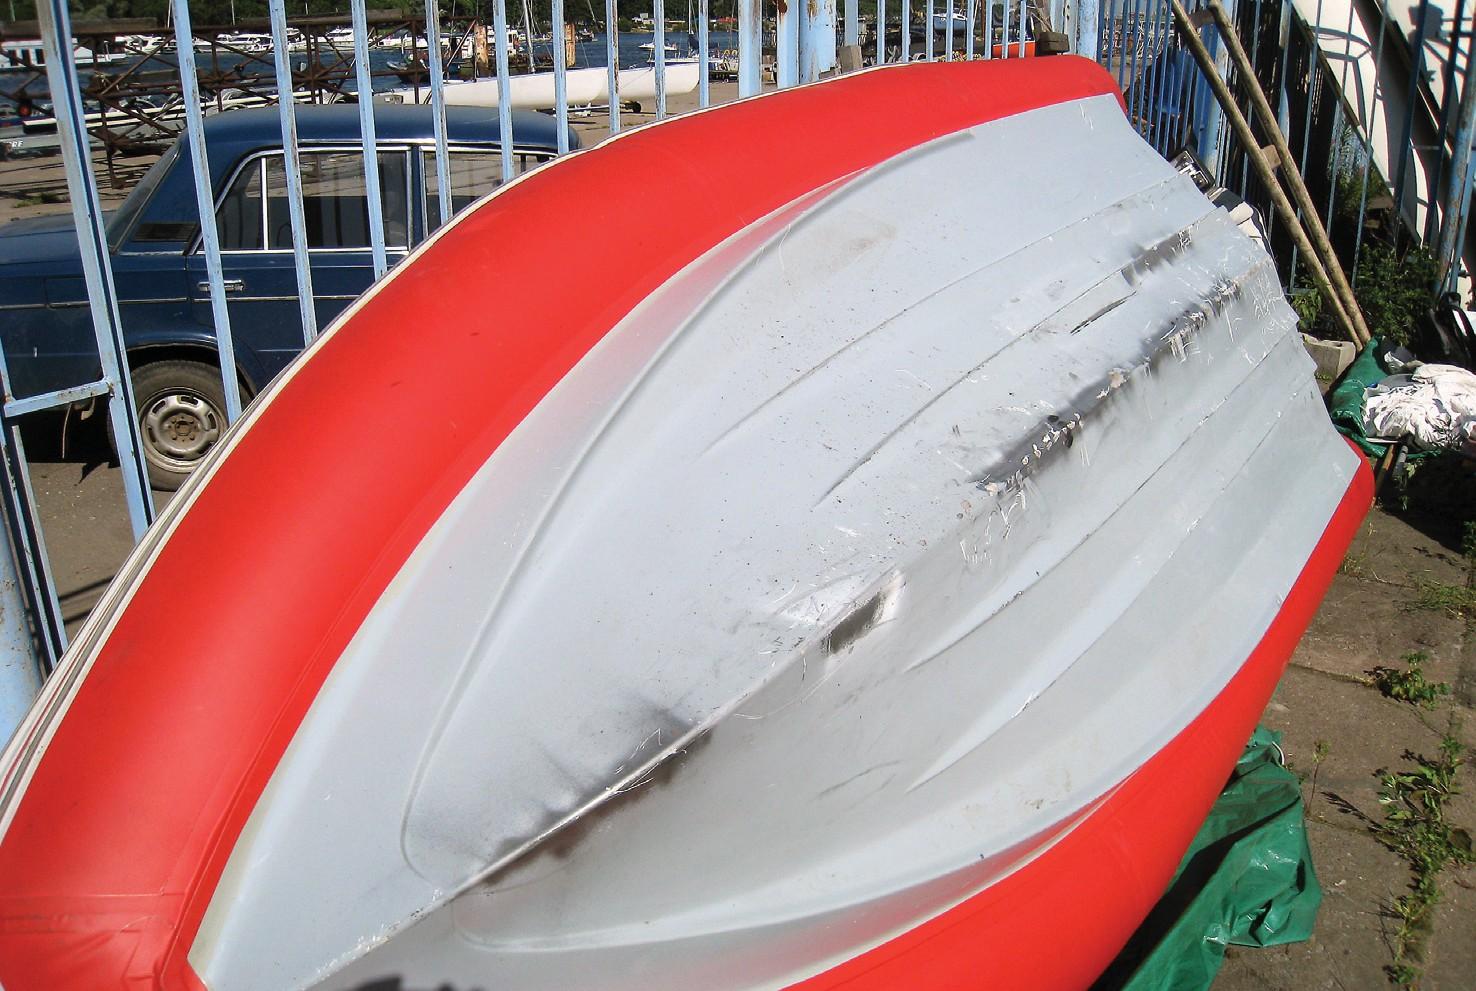 Общий вид лодки перед началом работ. Видны не только сколы, но также «заплатки», ранее сделанные по предлагаемой нами технологии. Они, как можно заметить, выдержали удары лучше, чем родное декоративное покрытие – гелькоут.